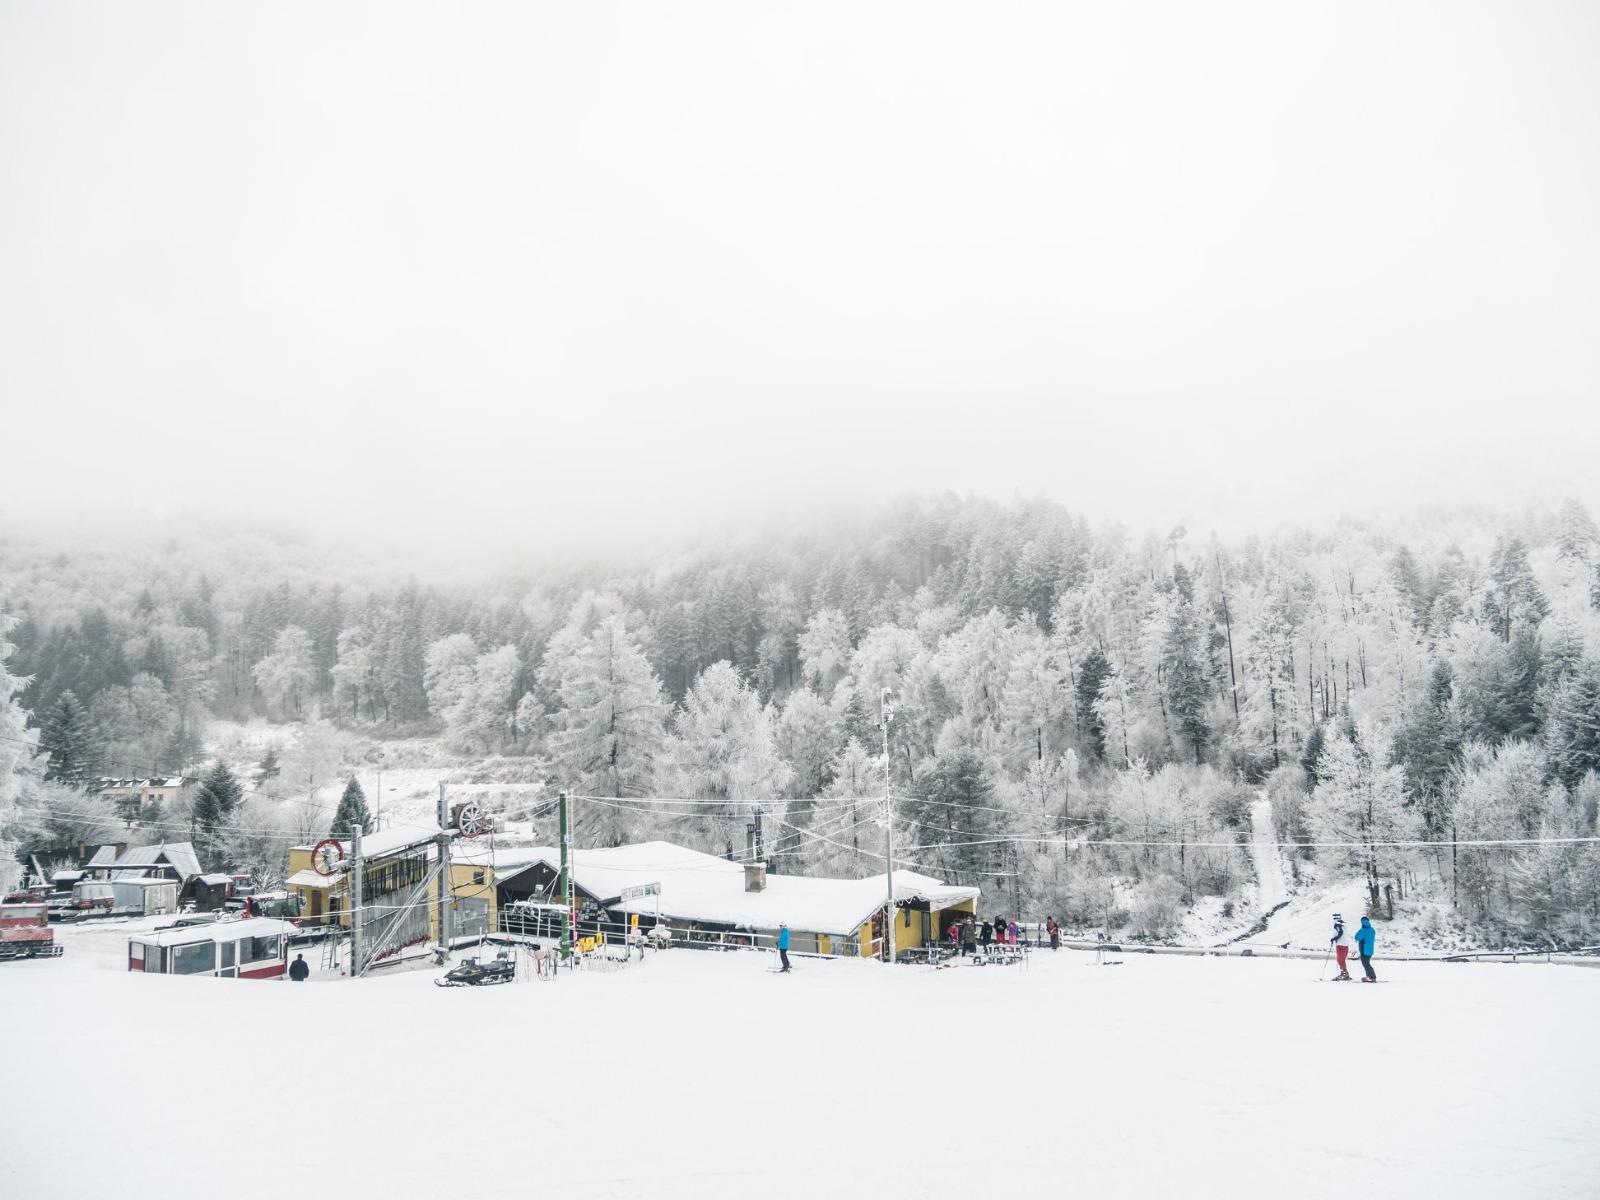 Drienica - veľmi dobré snehové podmienky 22.1.2020